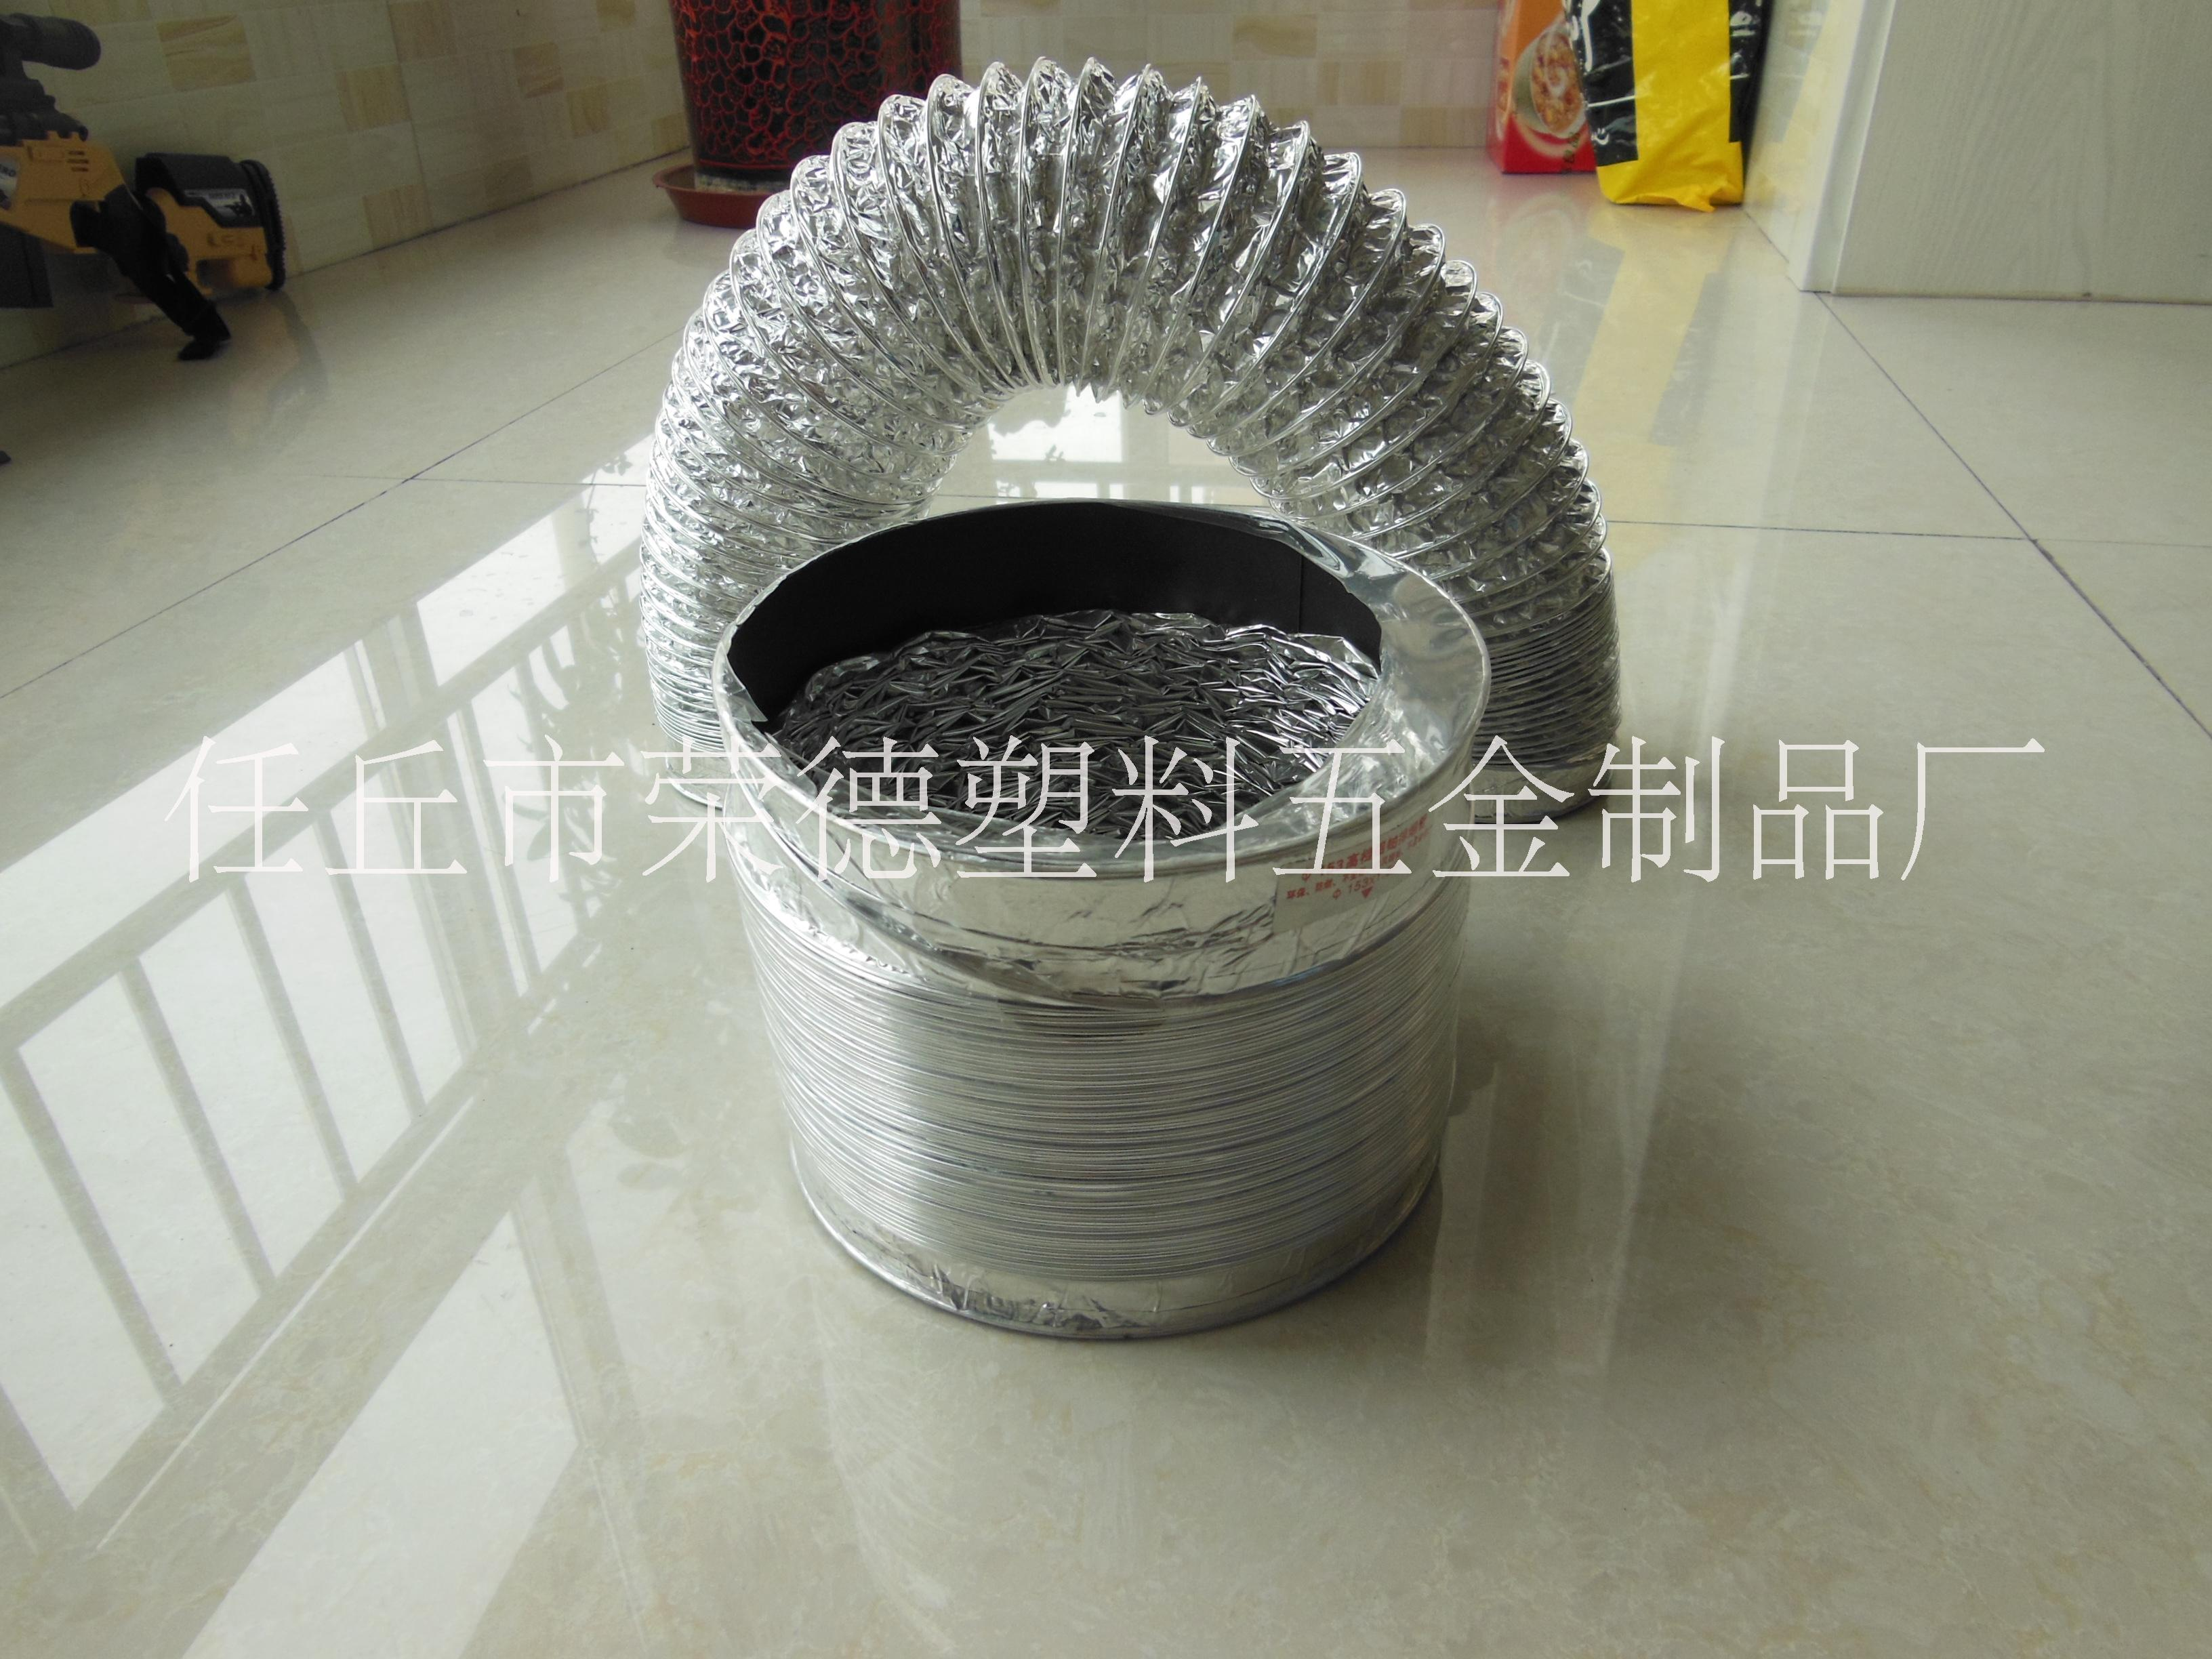 厂家直销铝箔烟机管 铝箔烟机排气管